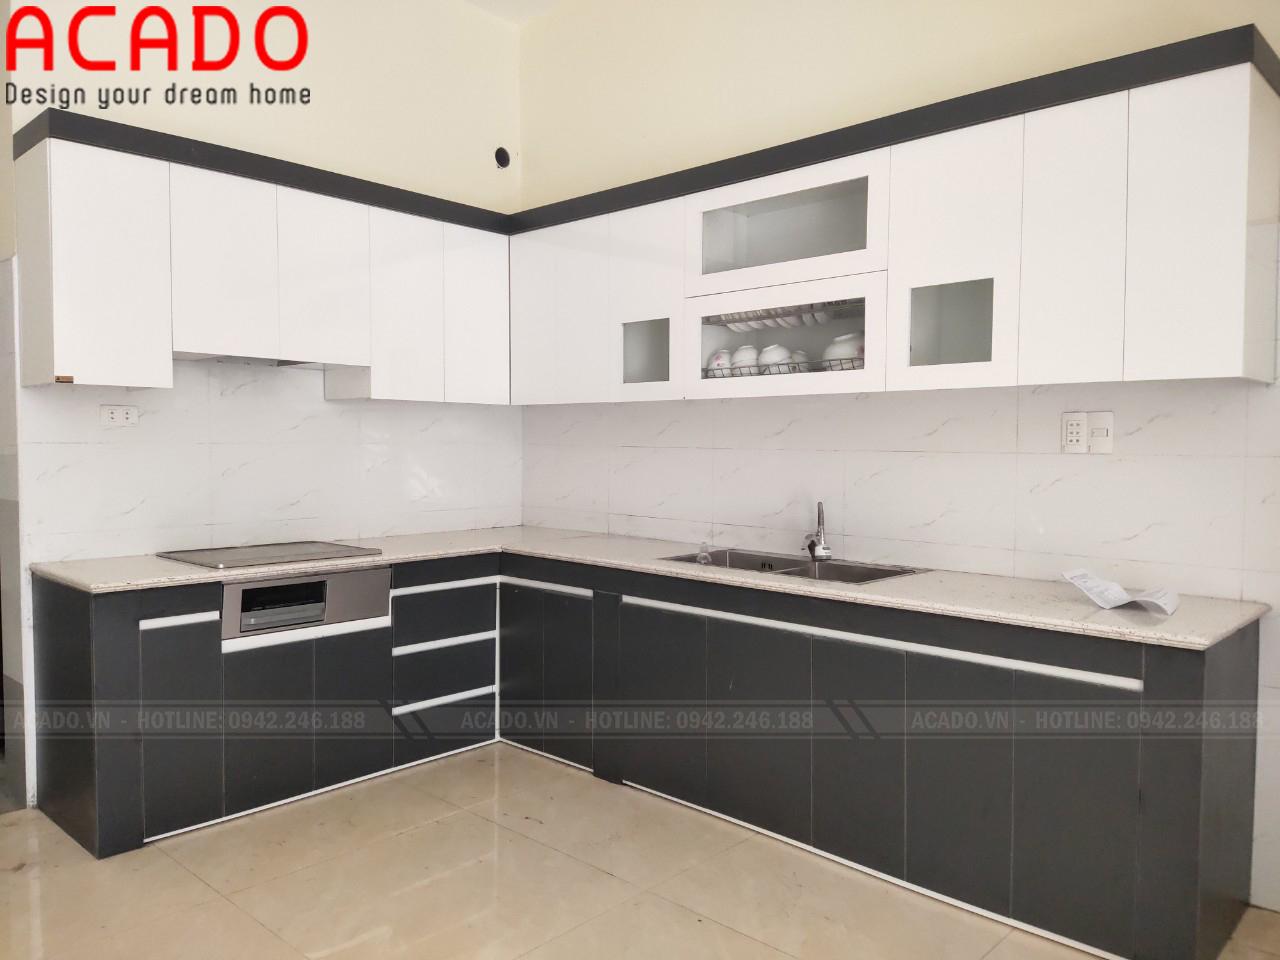 Tủ bếp thiết kế chữ L theo yêu cầu của gia đình chị Hương - Lắp đặt tủ bếp tại Gia Lâm